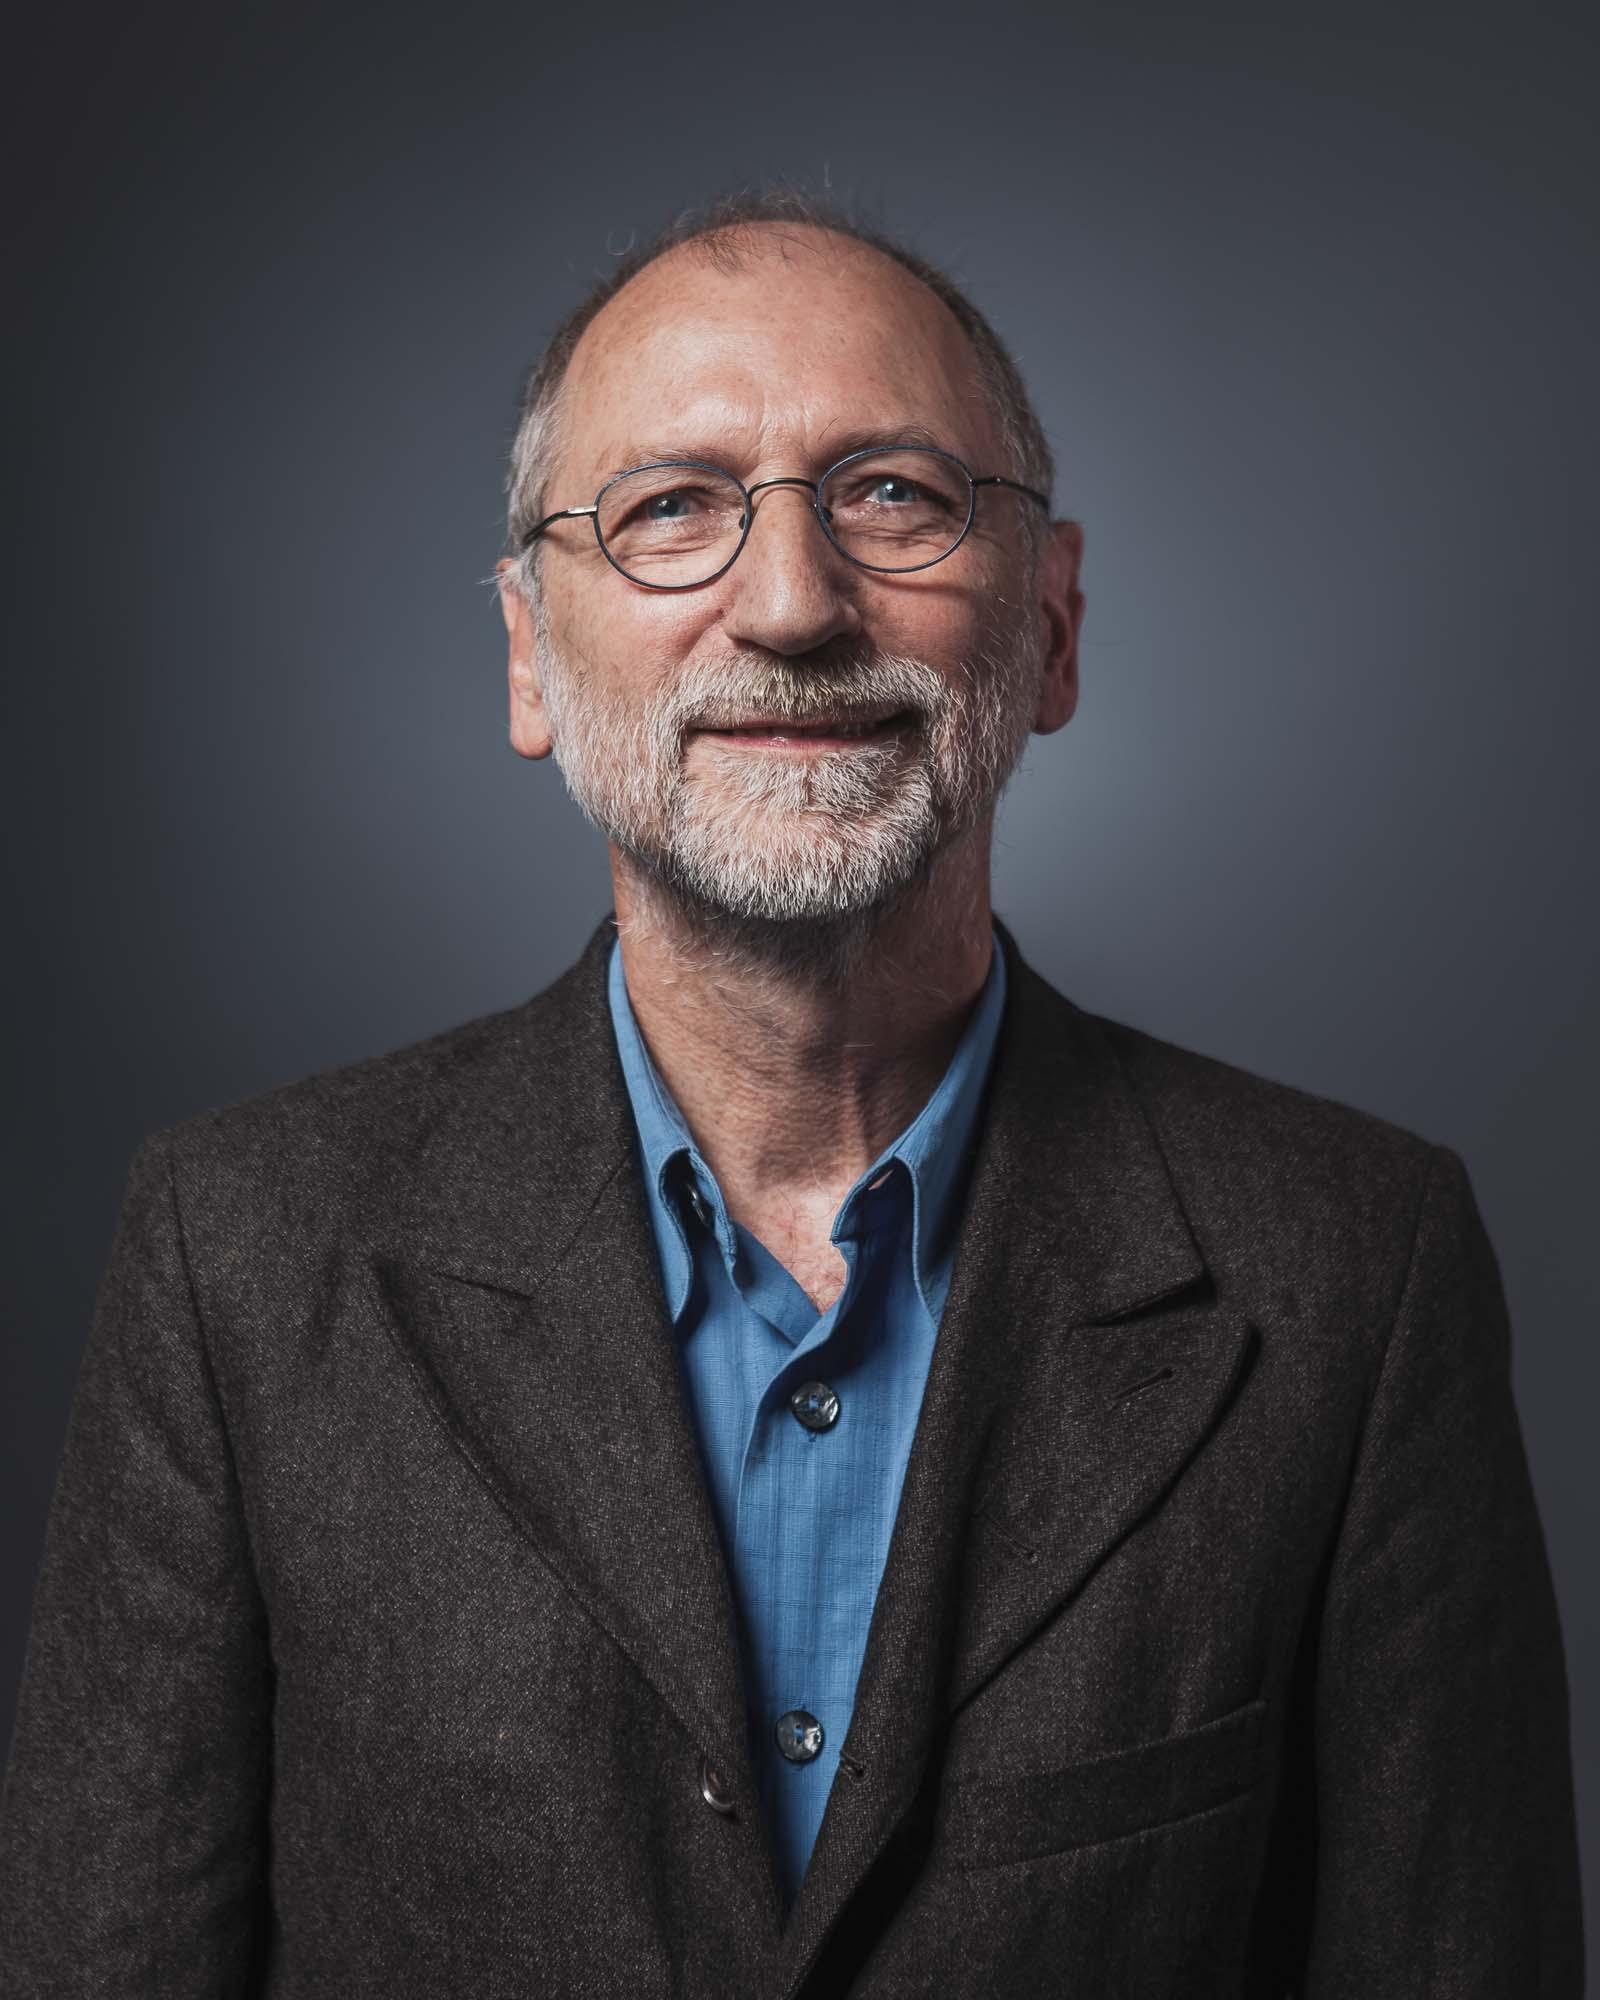 Johann Pfennich